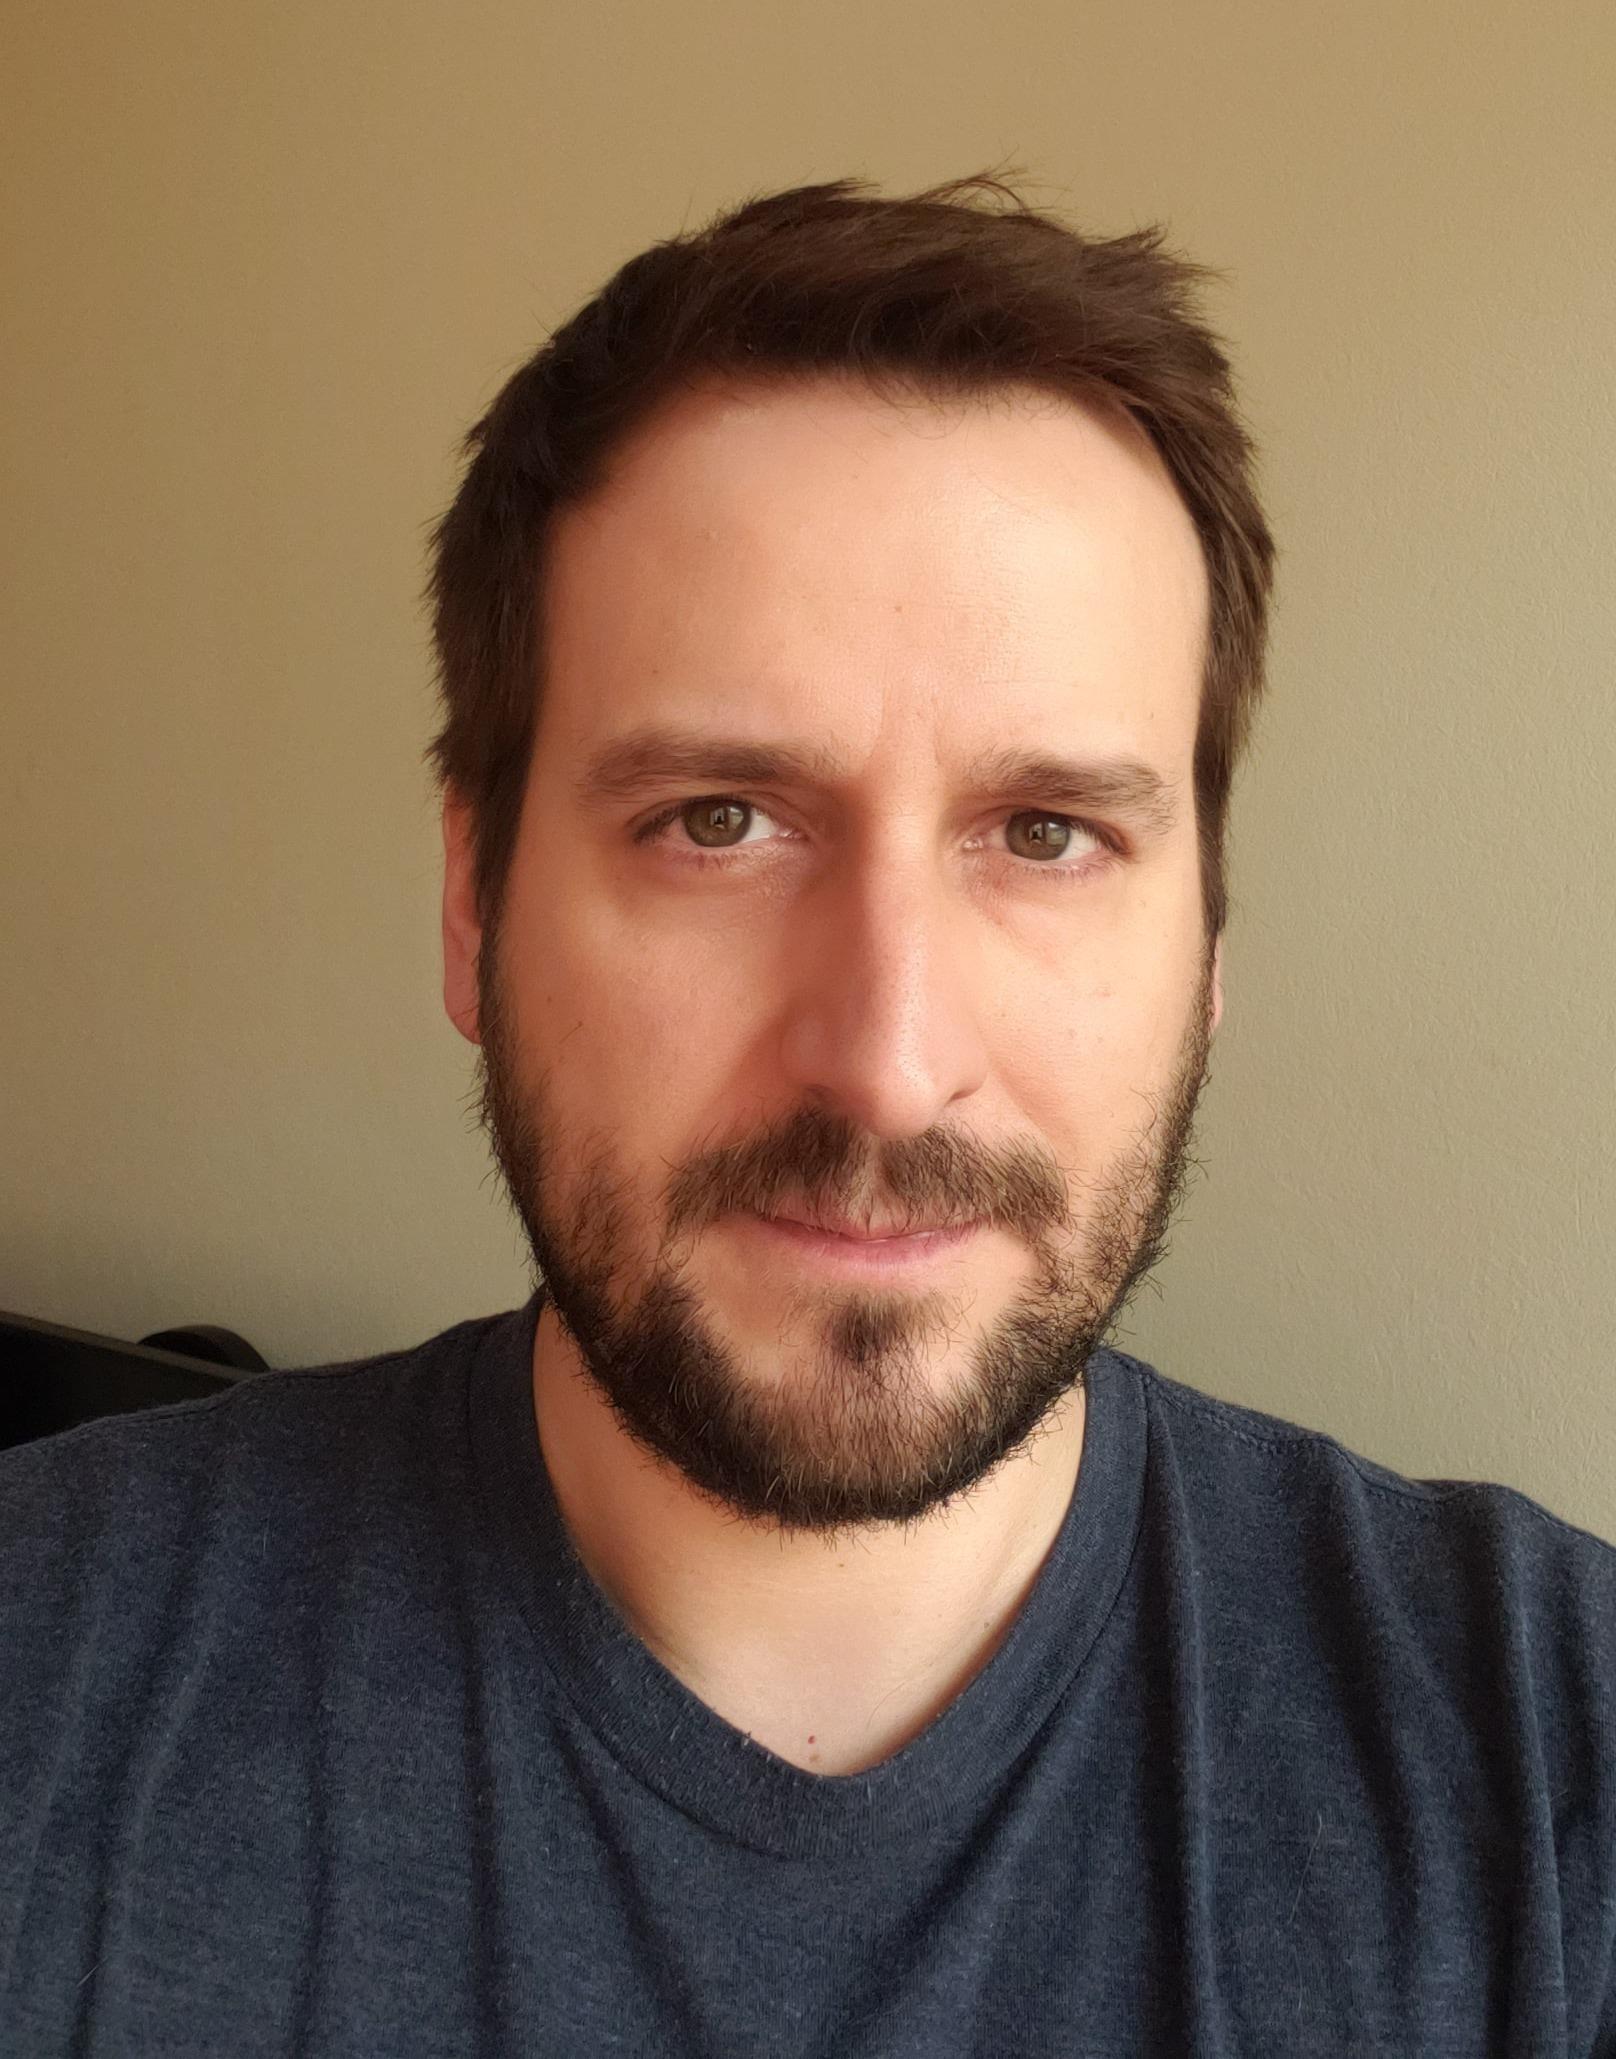 Marc Bernal